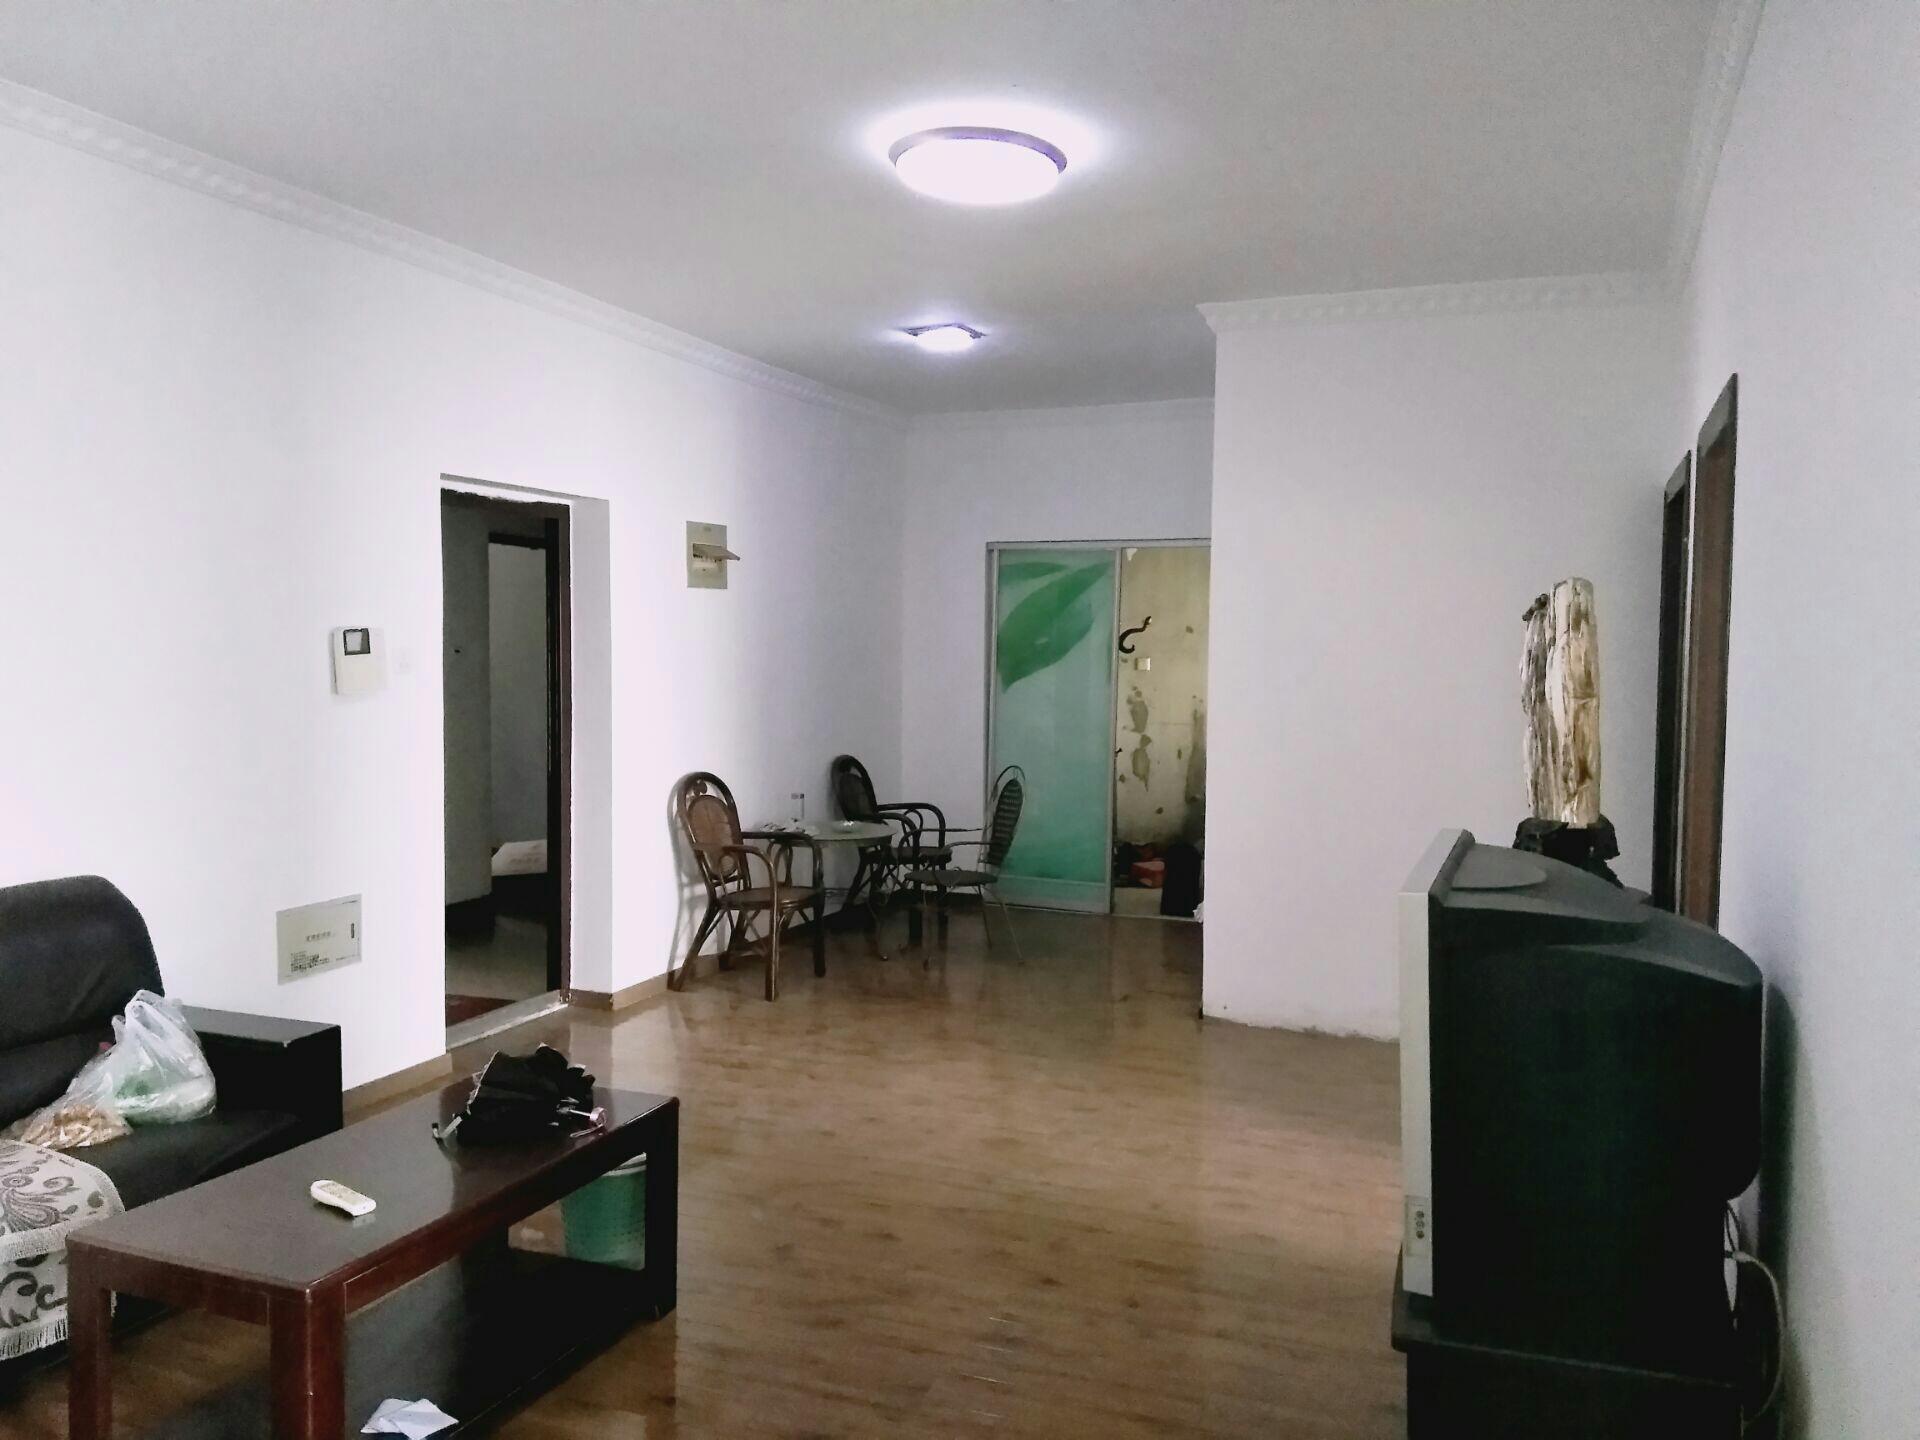 财富中心 107平米 简装2室 适合办公 家具齐全_2